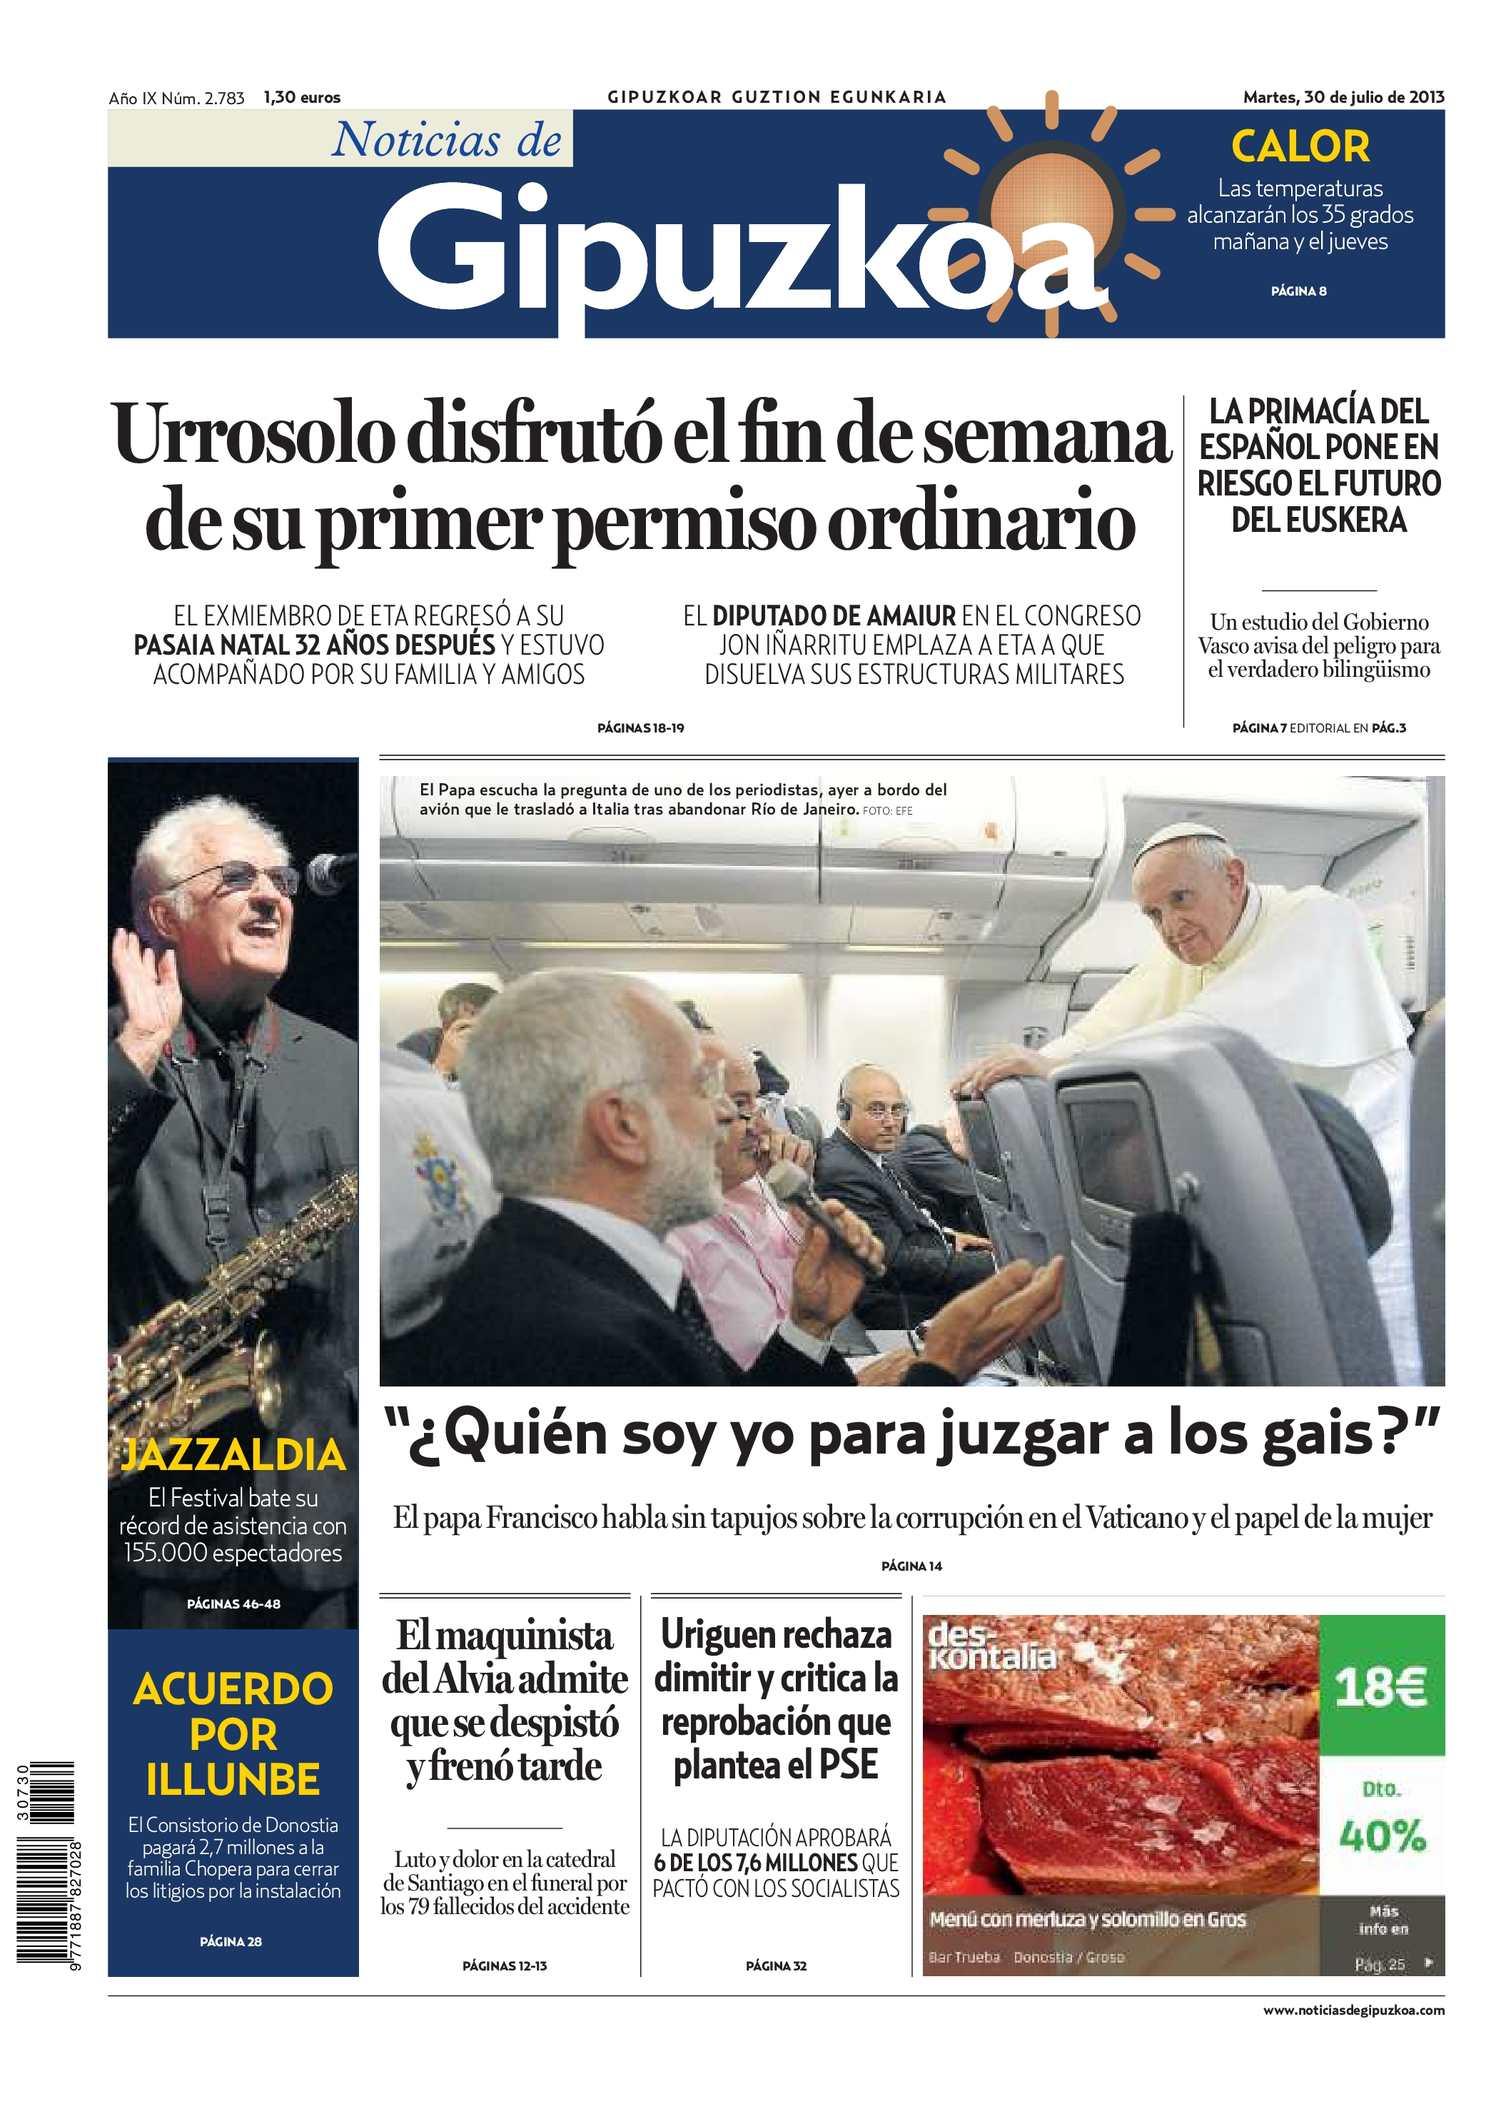 putas en lerida peliculas porno traducidas en espanol caserío herreña sitios para gays char porno gratis